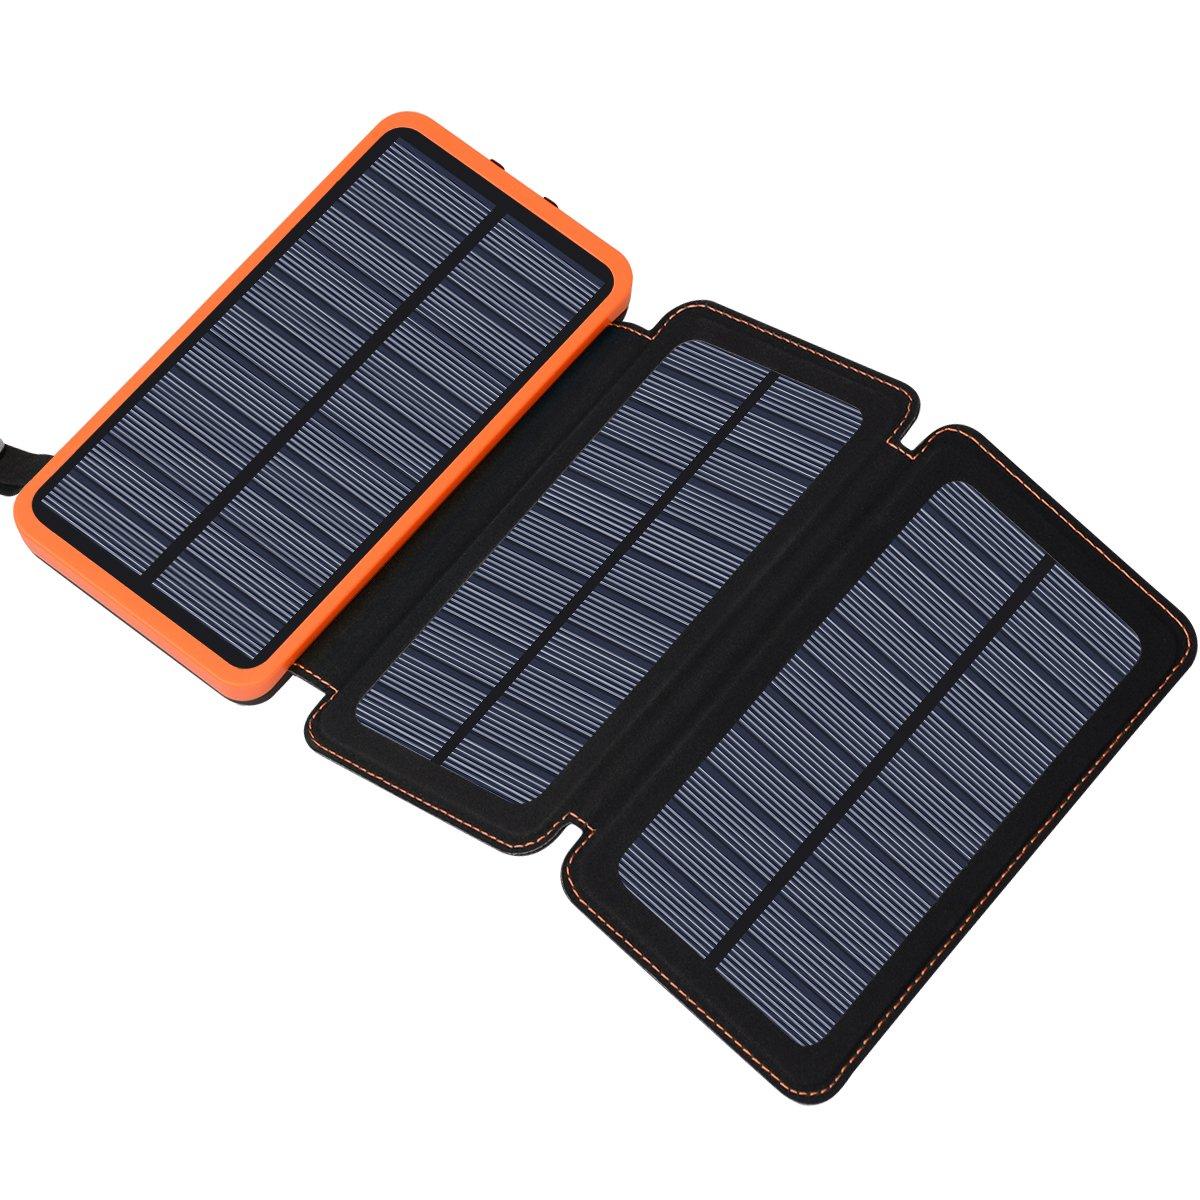 Cargador Solar Portatil Con Bateria De 24000mah Feelle